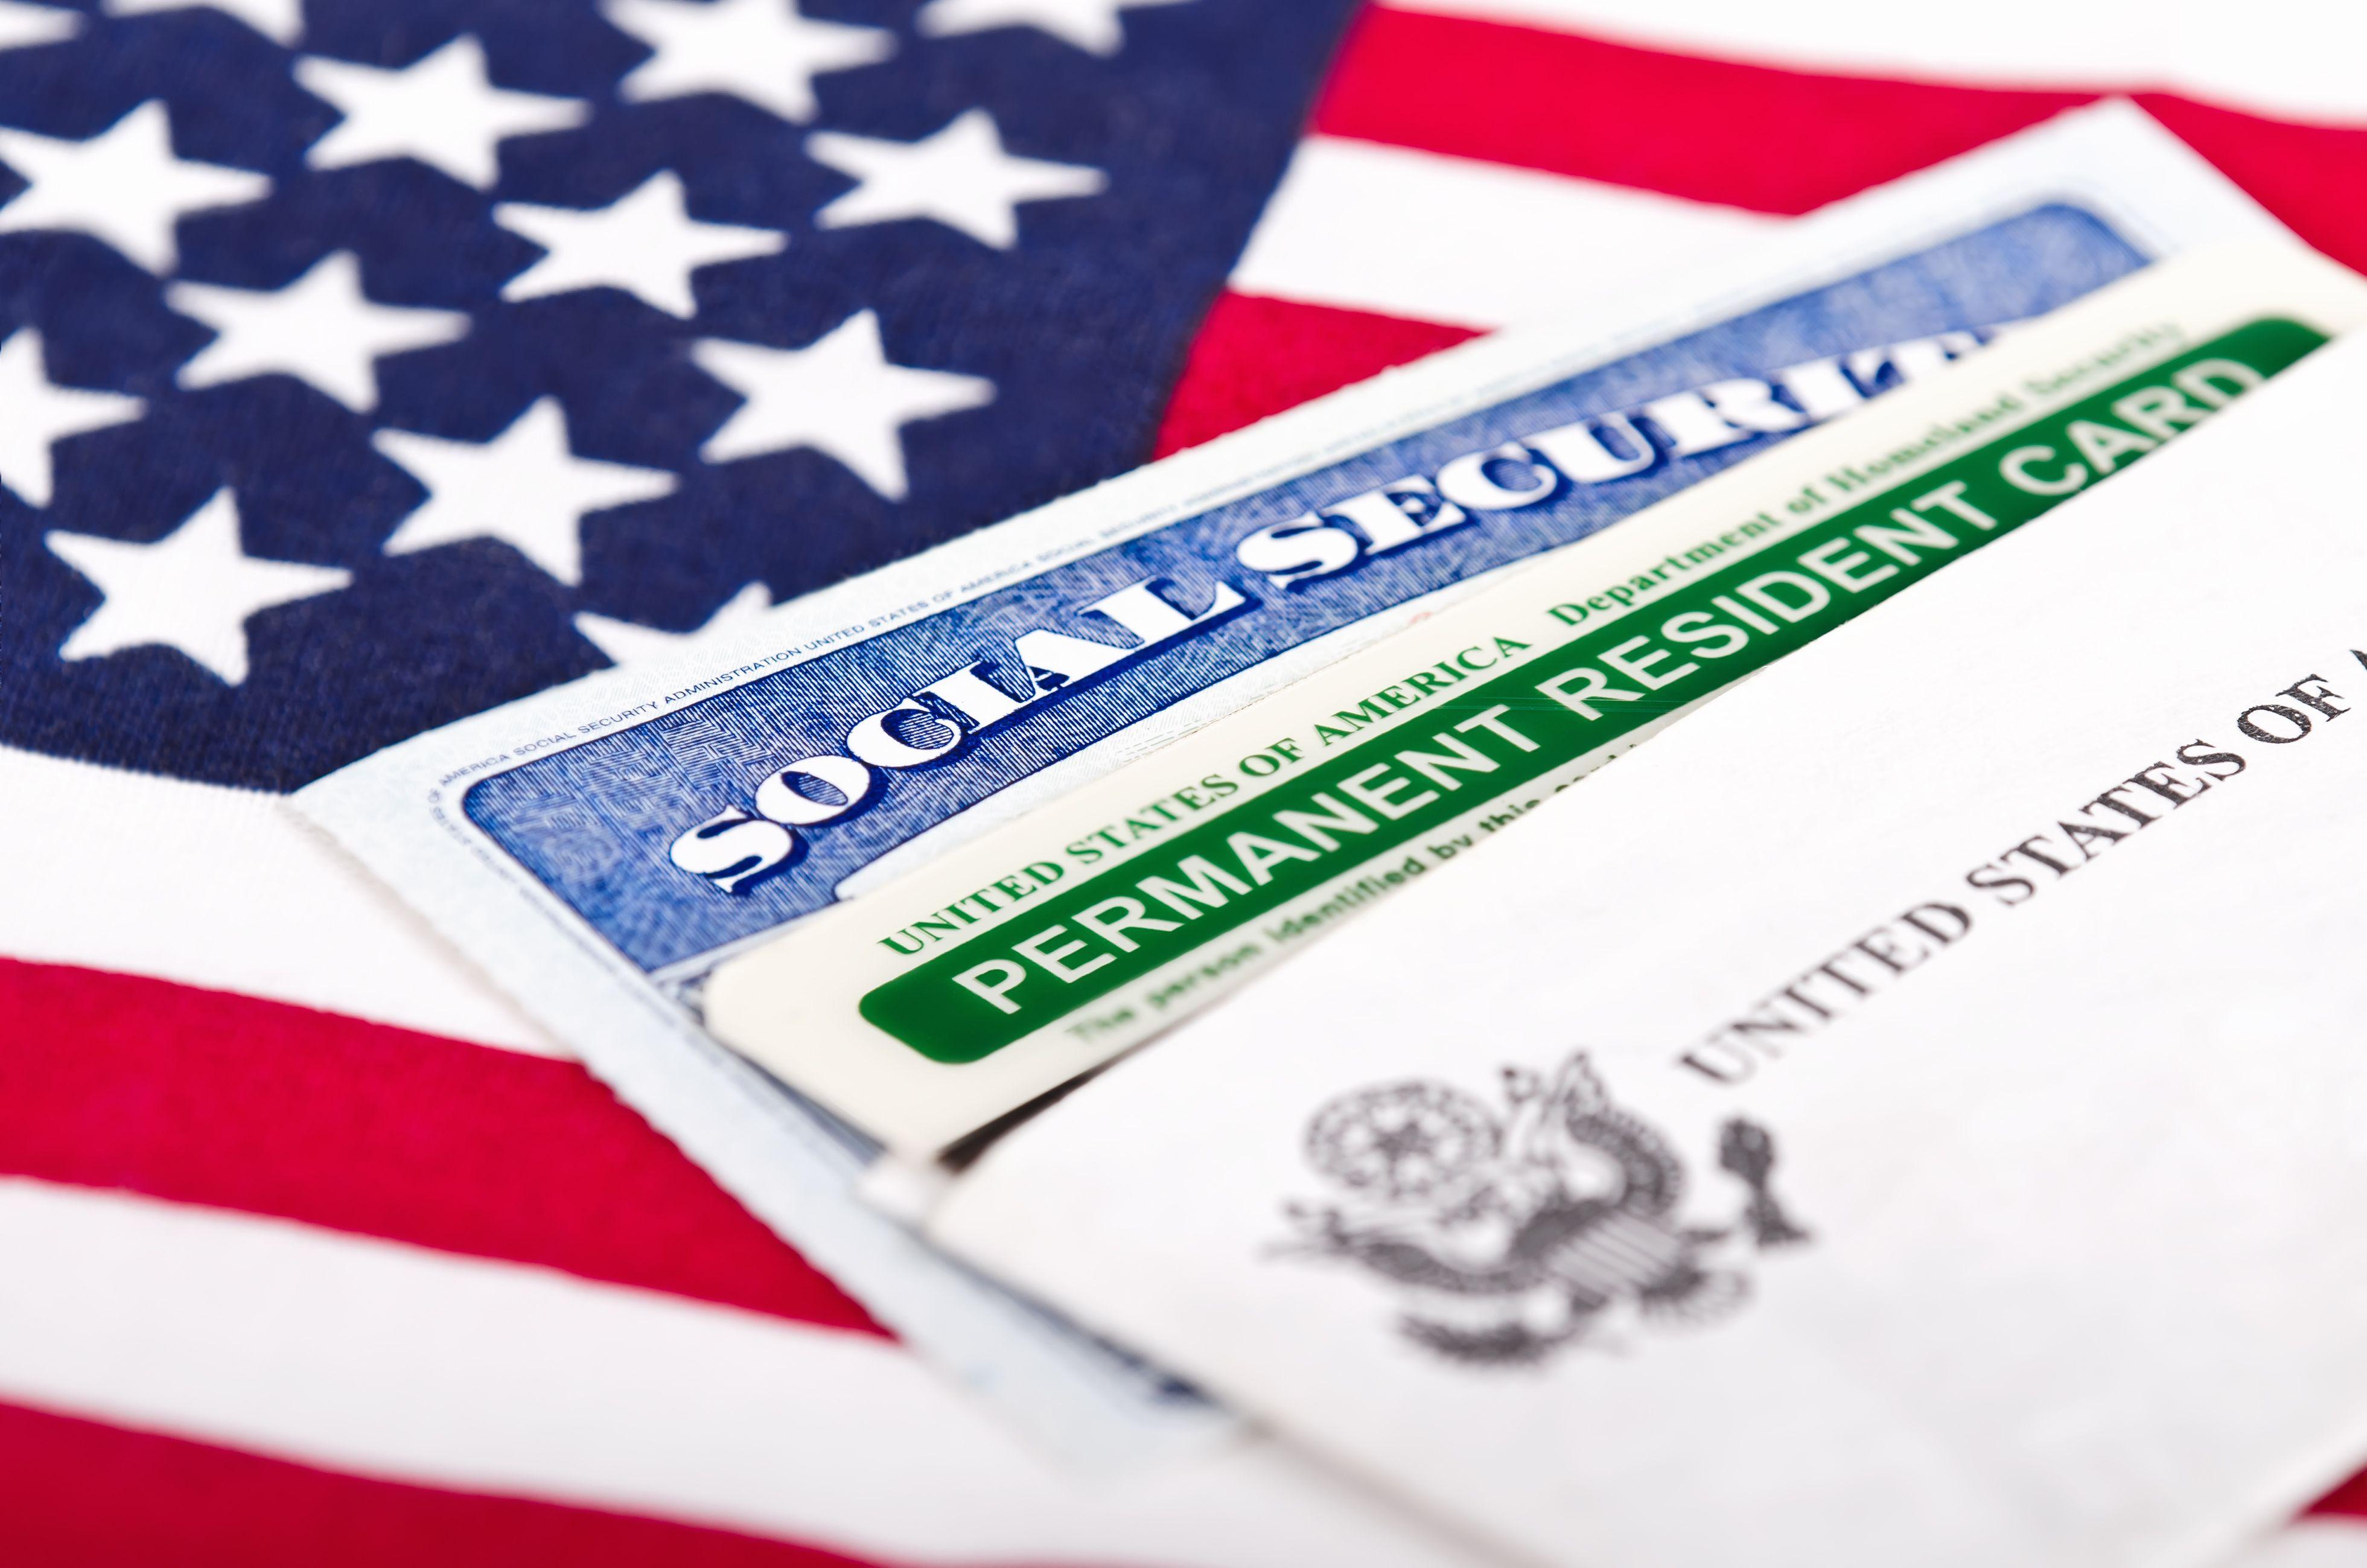 La Embajada de Estados Unidos en Quito informó que los ecuatorianos podrán aplicar a la lotería de visas hasta el 9 de noviembre de 2021.